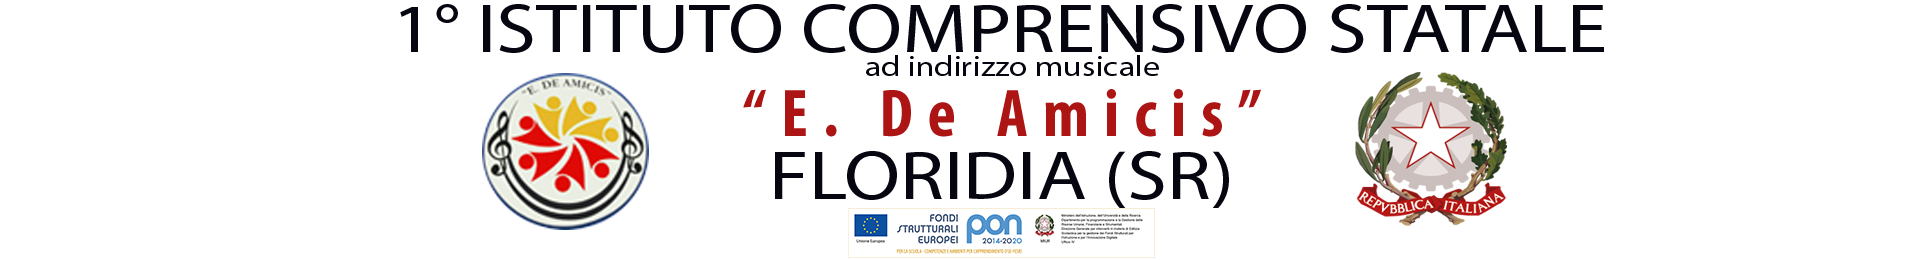 """1° Istituto Comprensivo """" De Amicis """"- Floridia (SR)"""